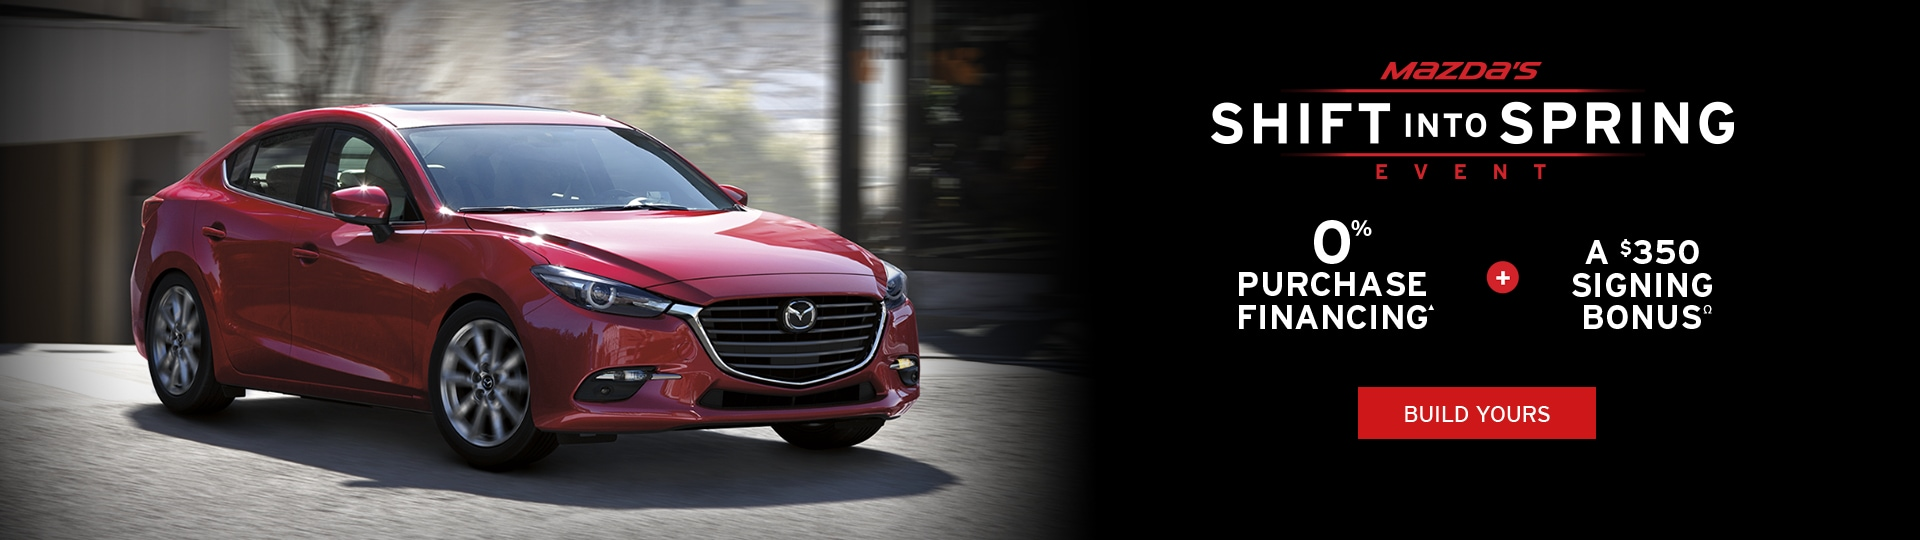 nj hatchback lease deals sedan specials htm ramsey models vs mazda